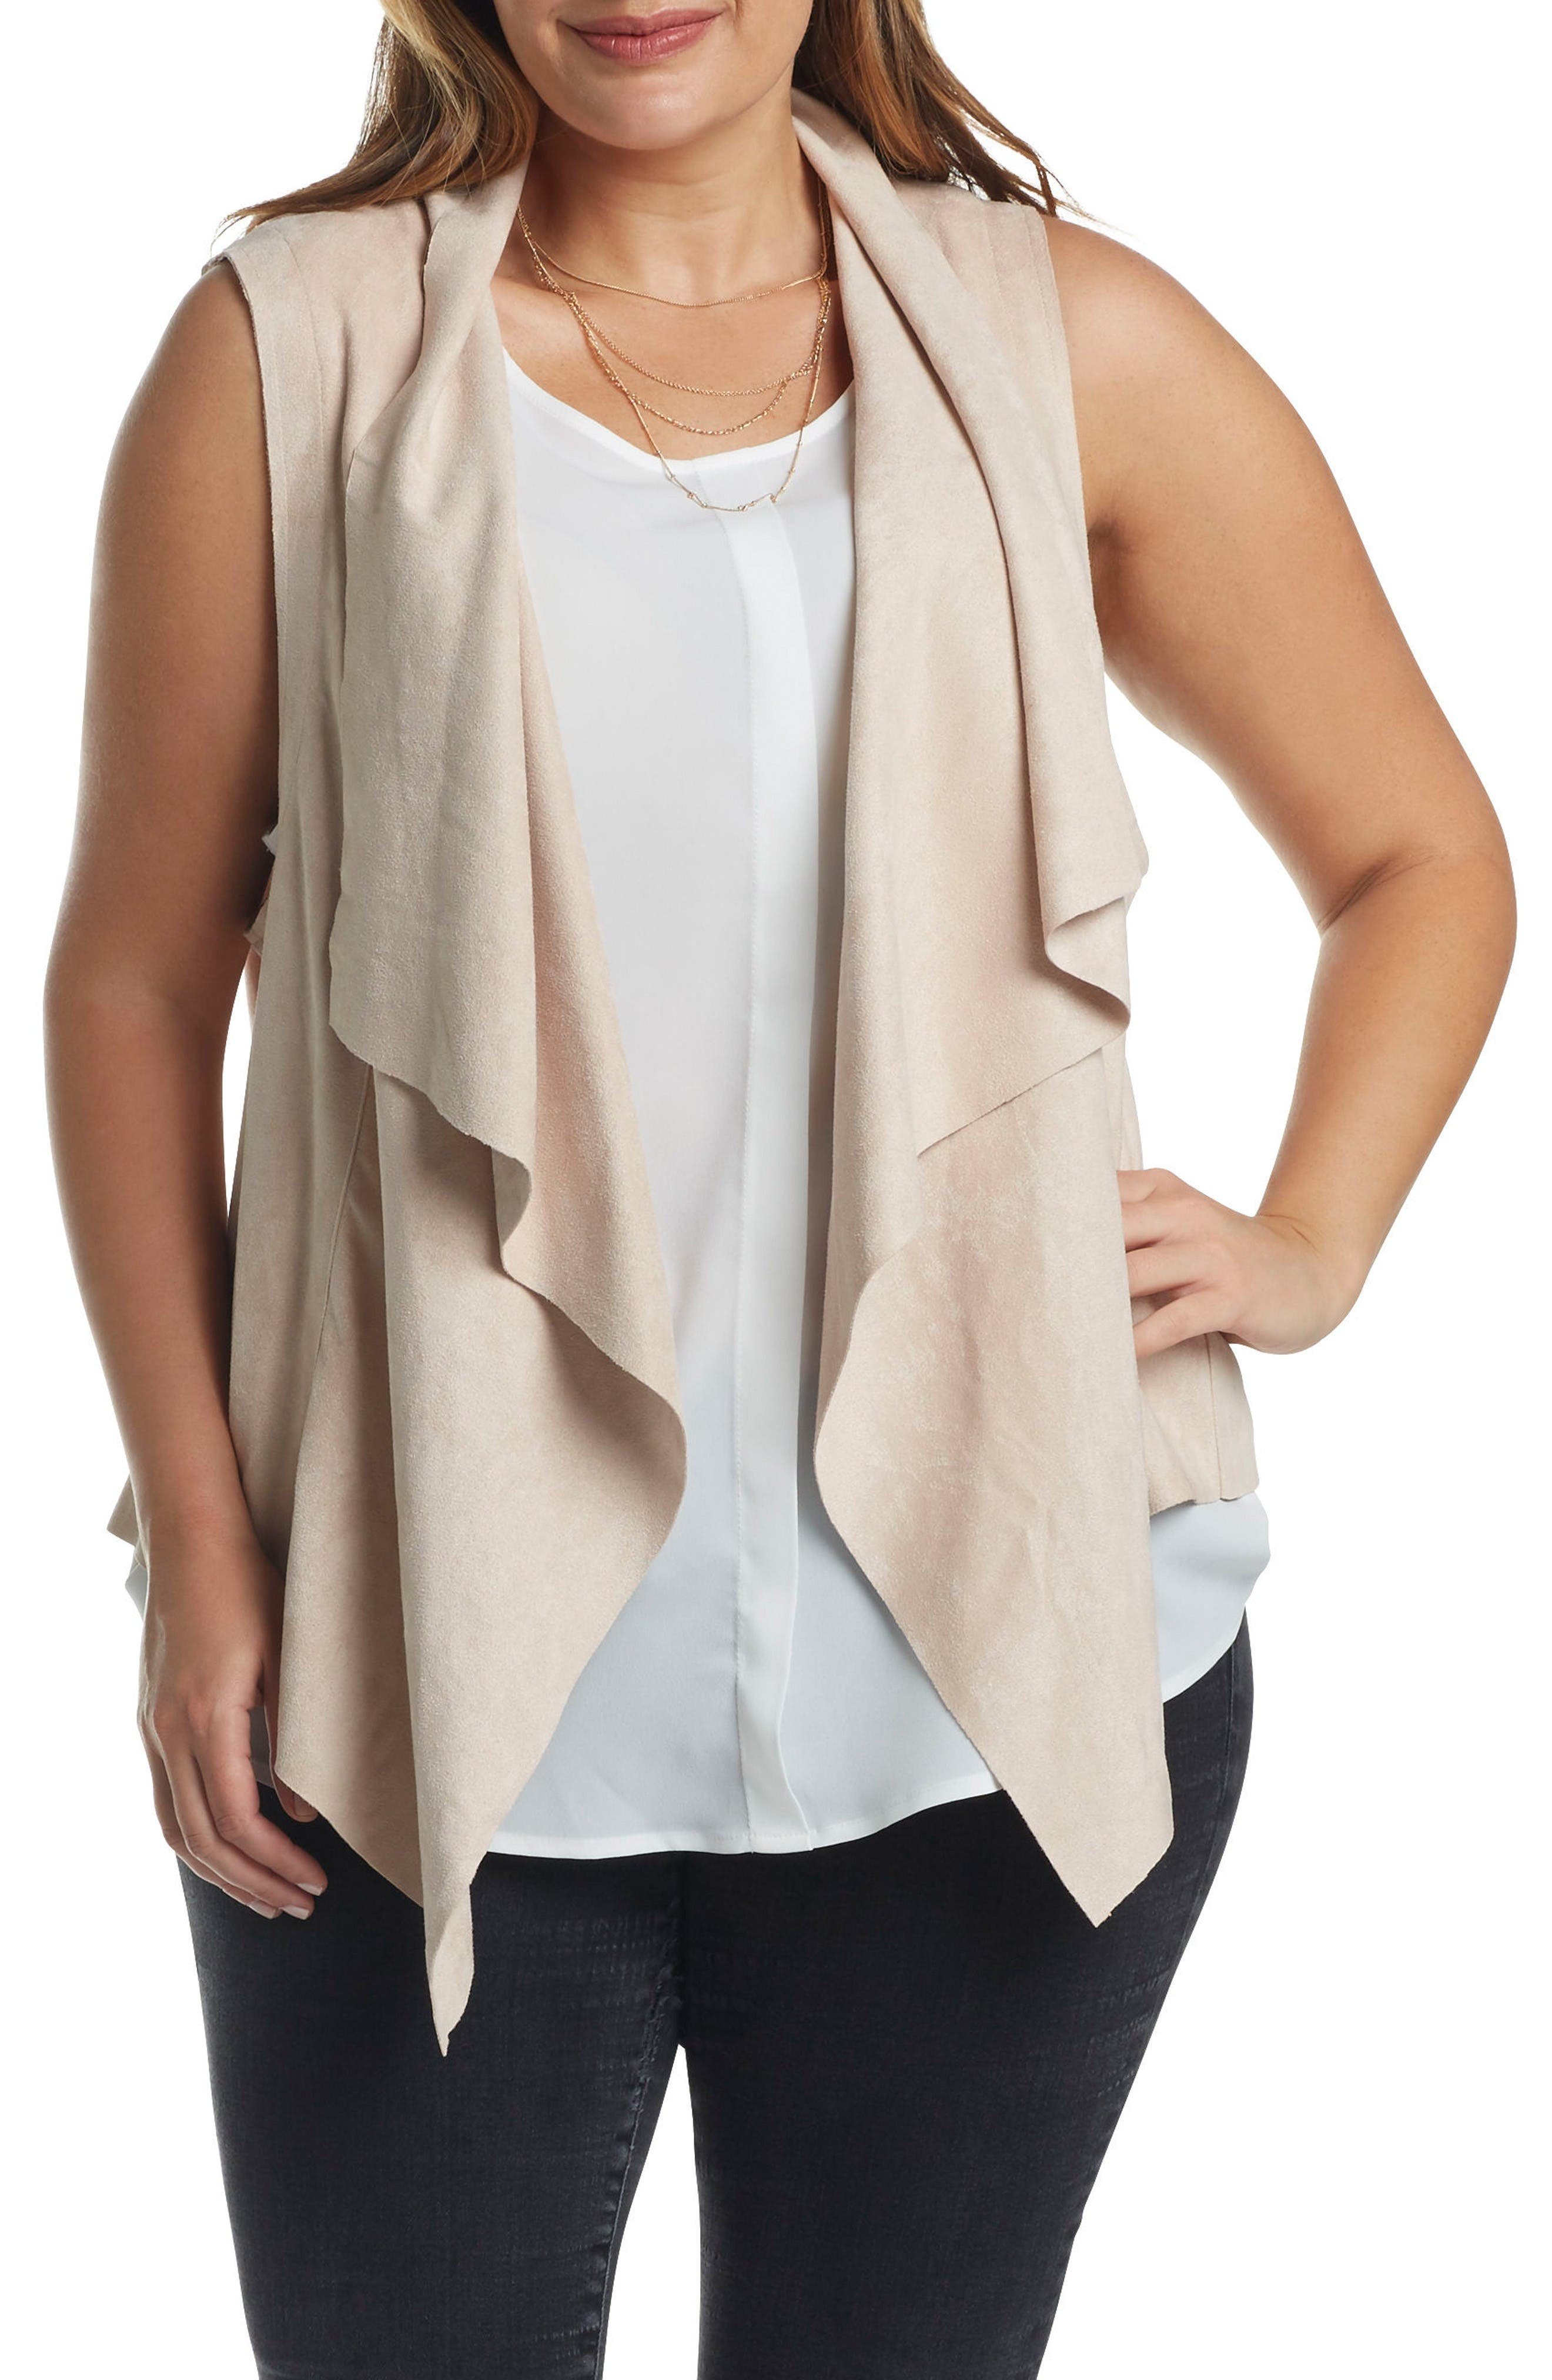 Alternate Image 1 Selected - Tart Paz Faux Suede Drape Front Vest